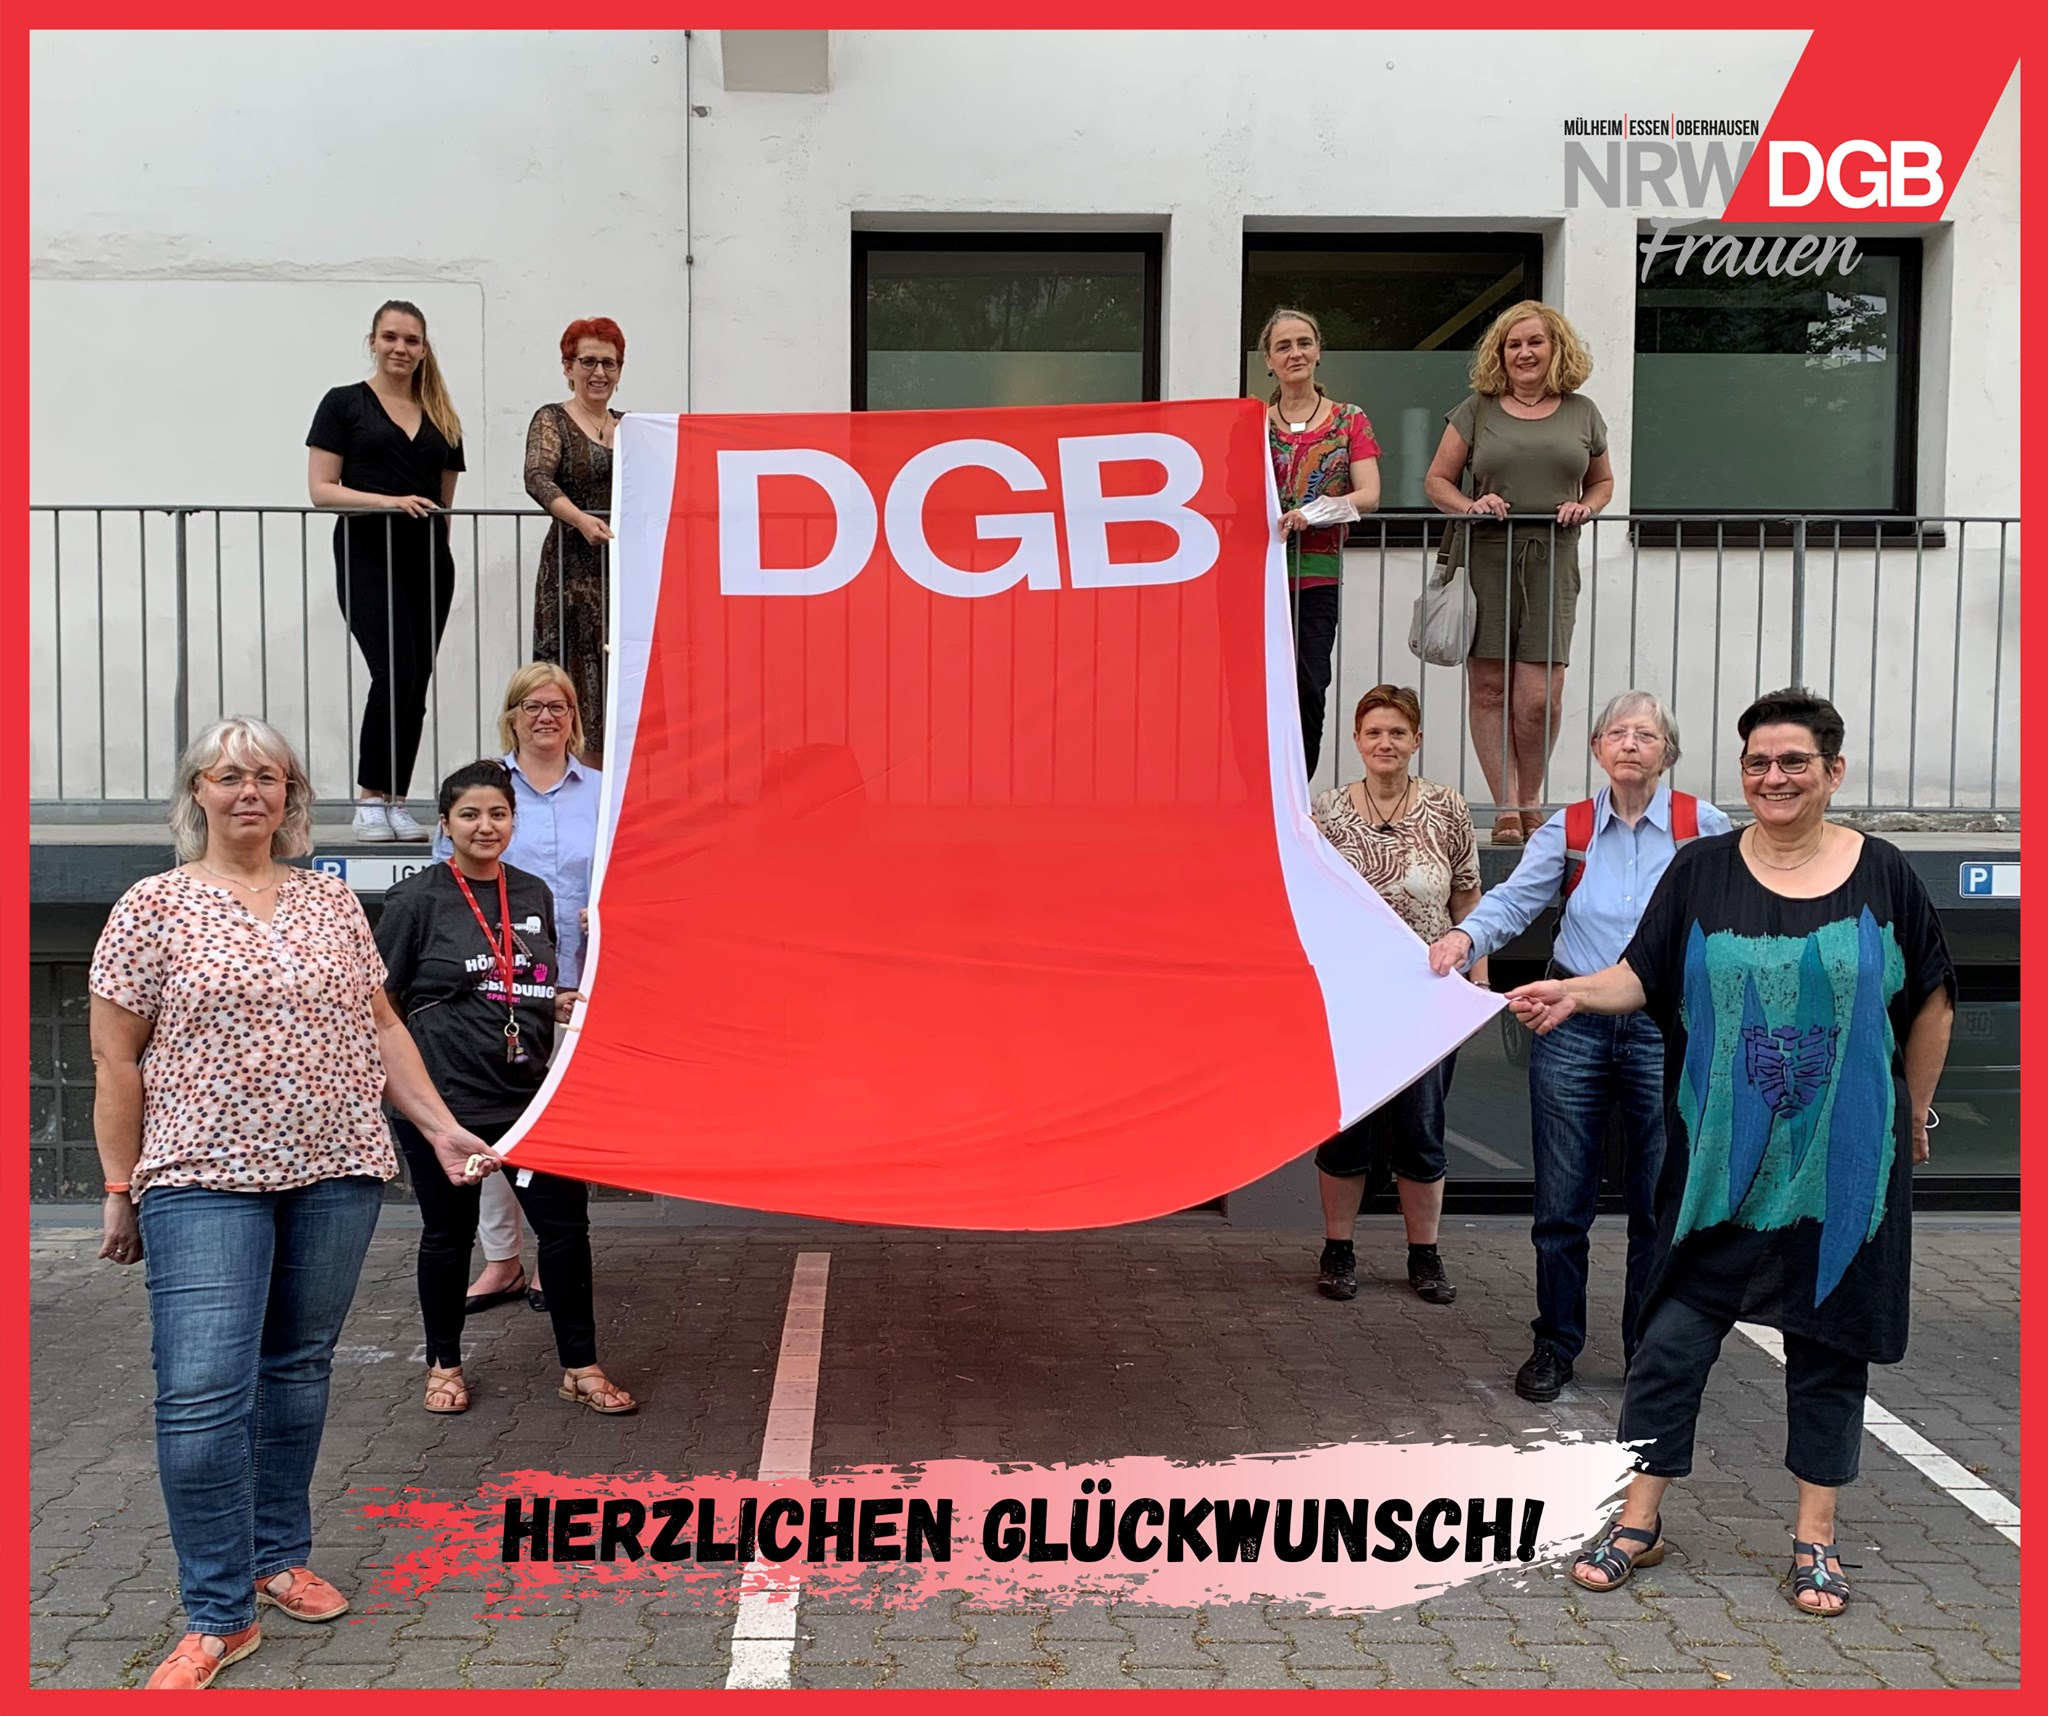 DGB Frauen